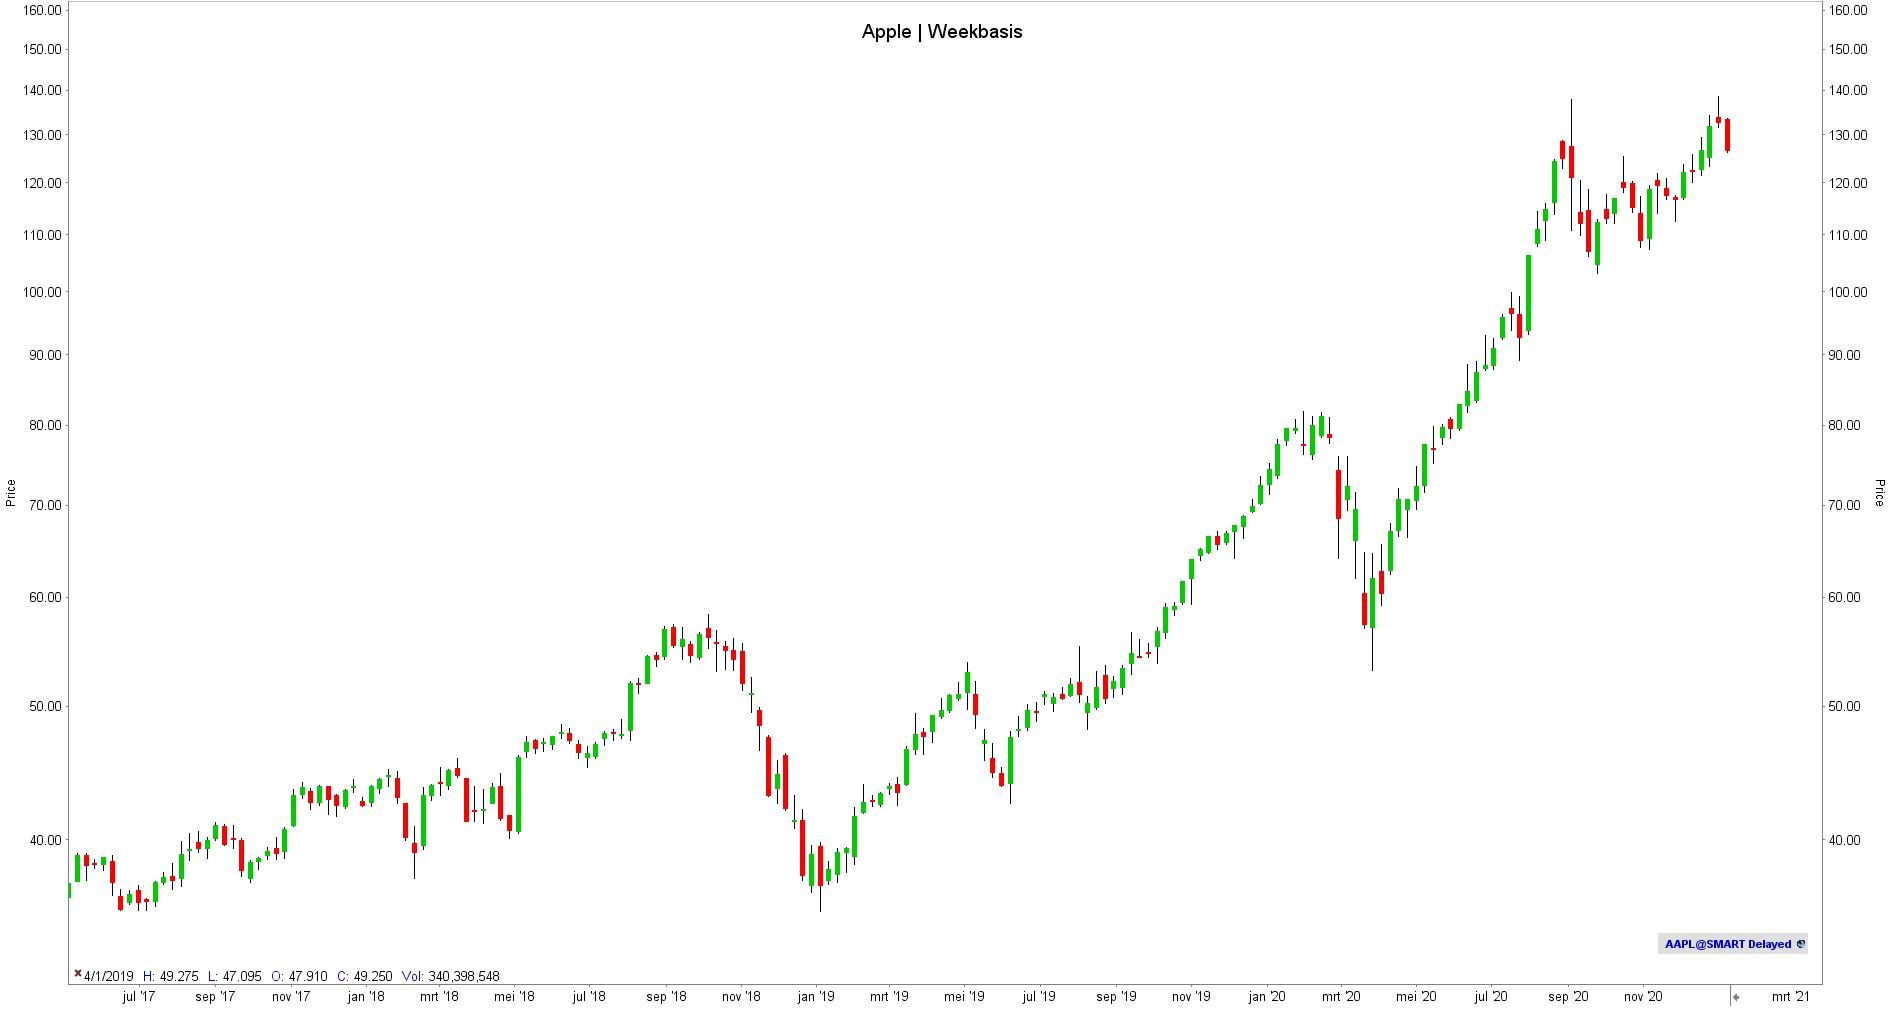 Apple FinTech aandelen